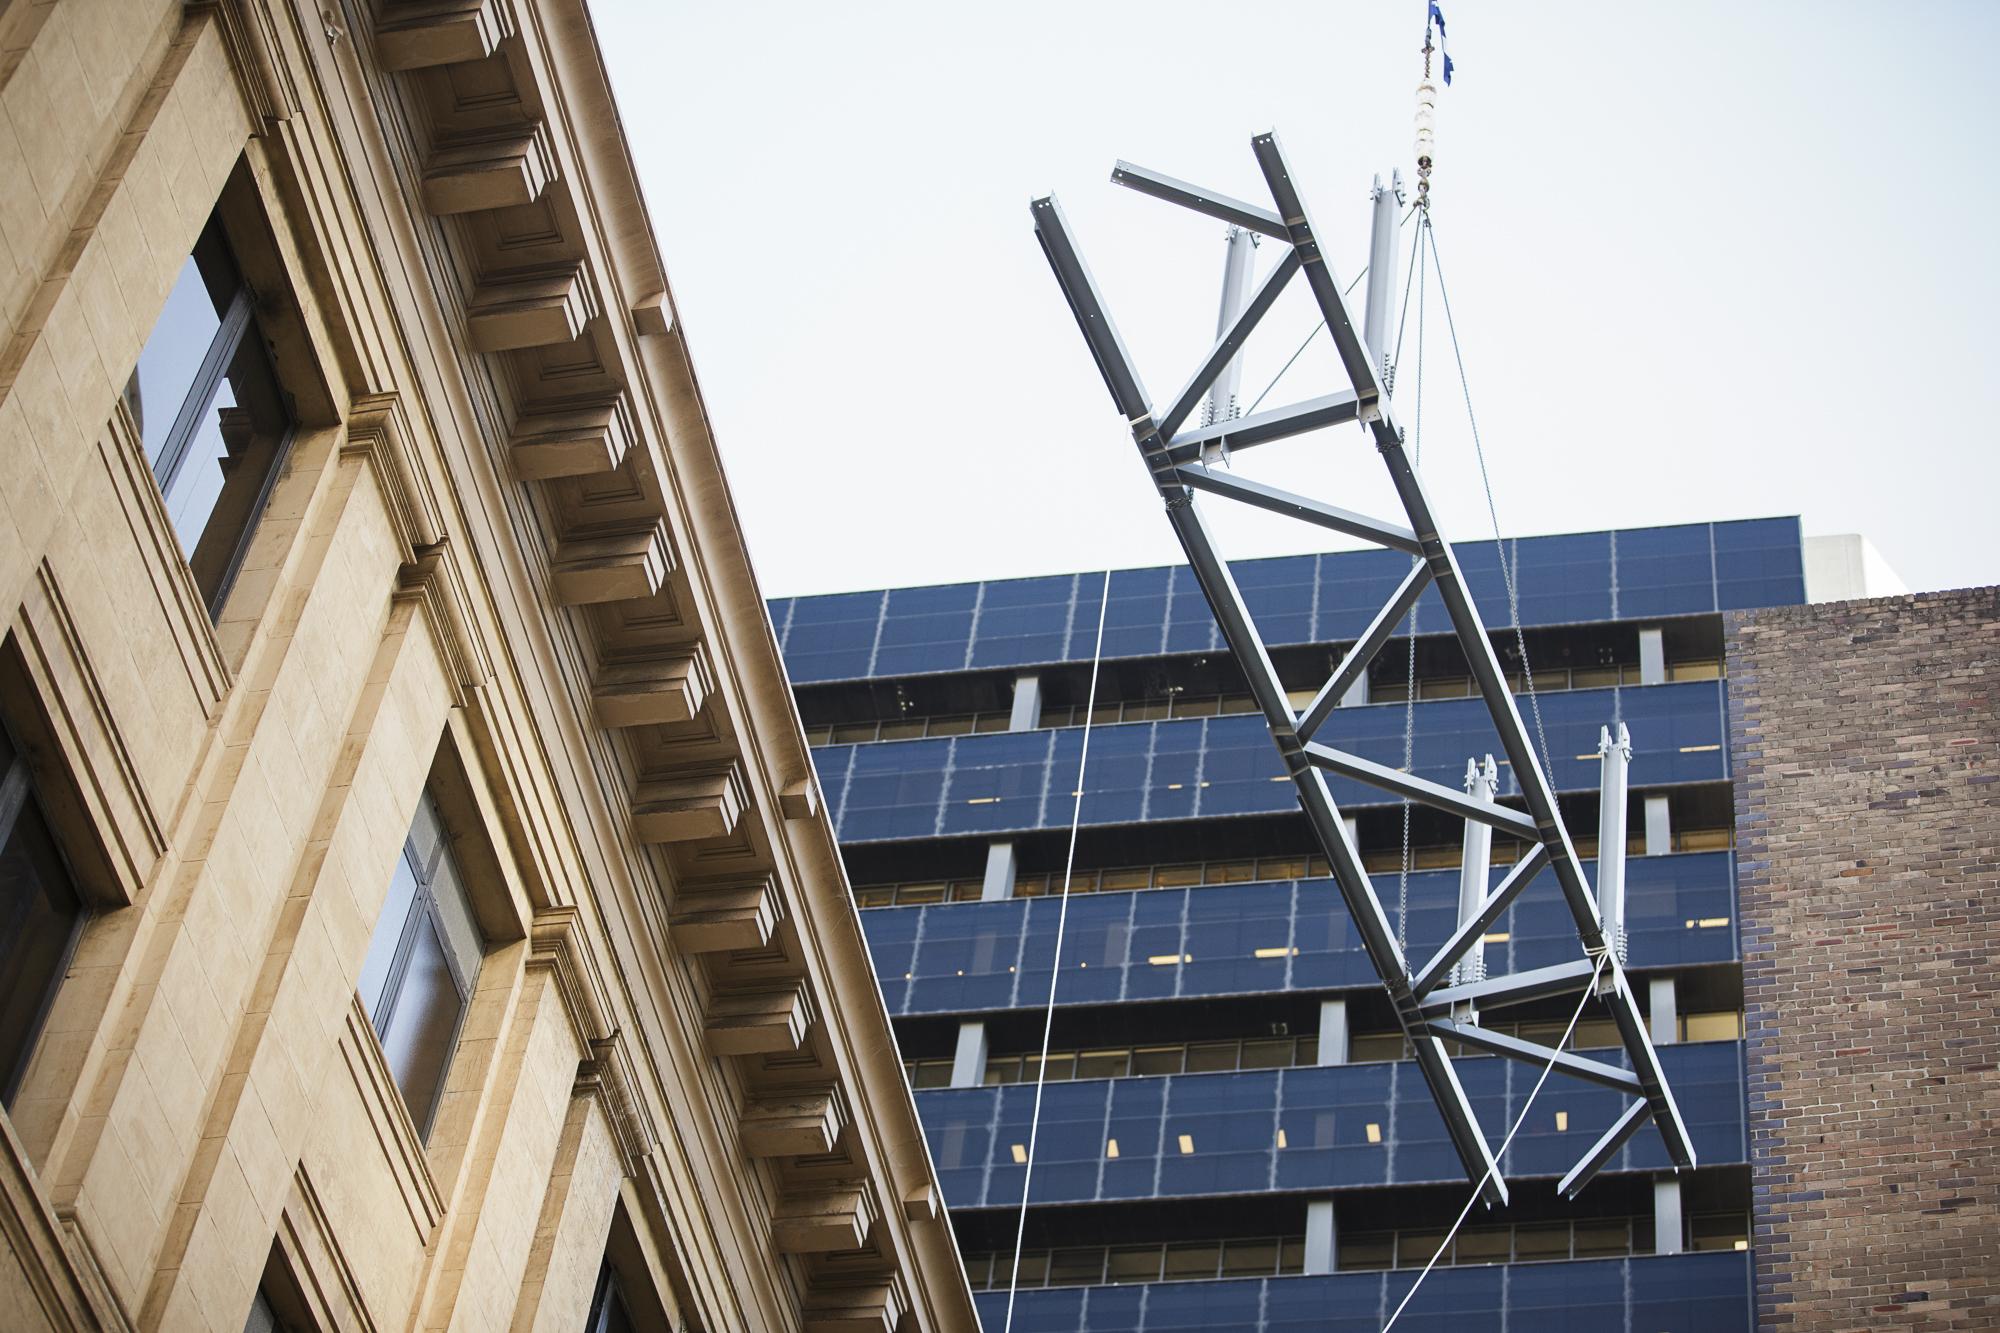 Tower - installation of Facade retention external truss